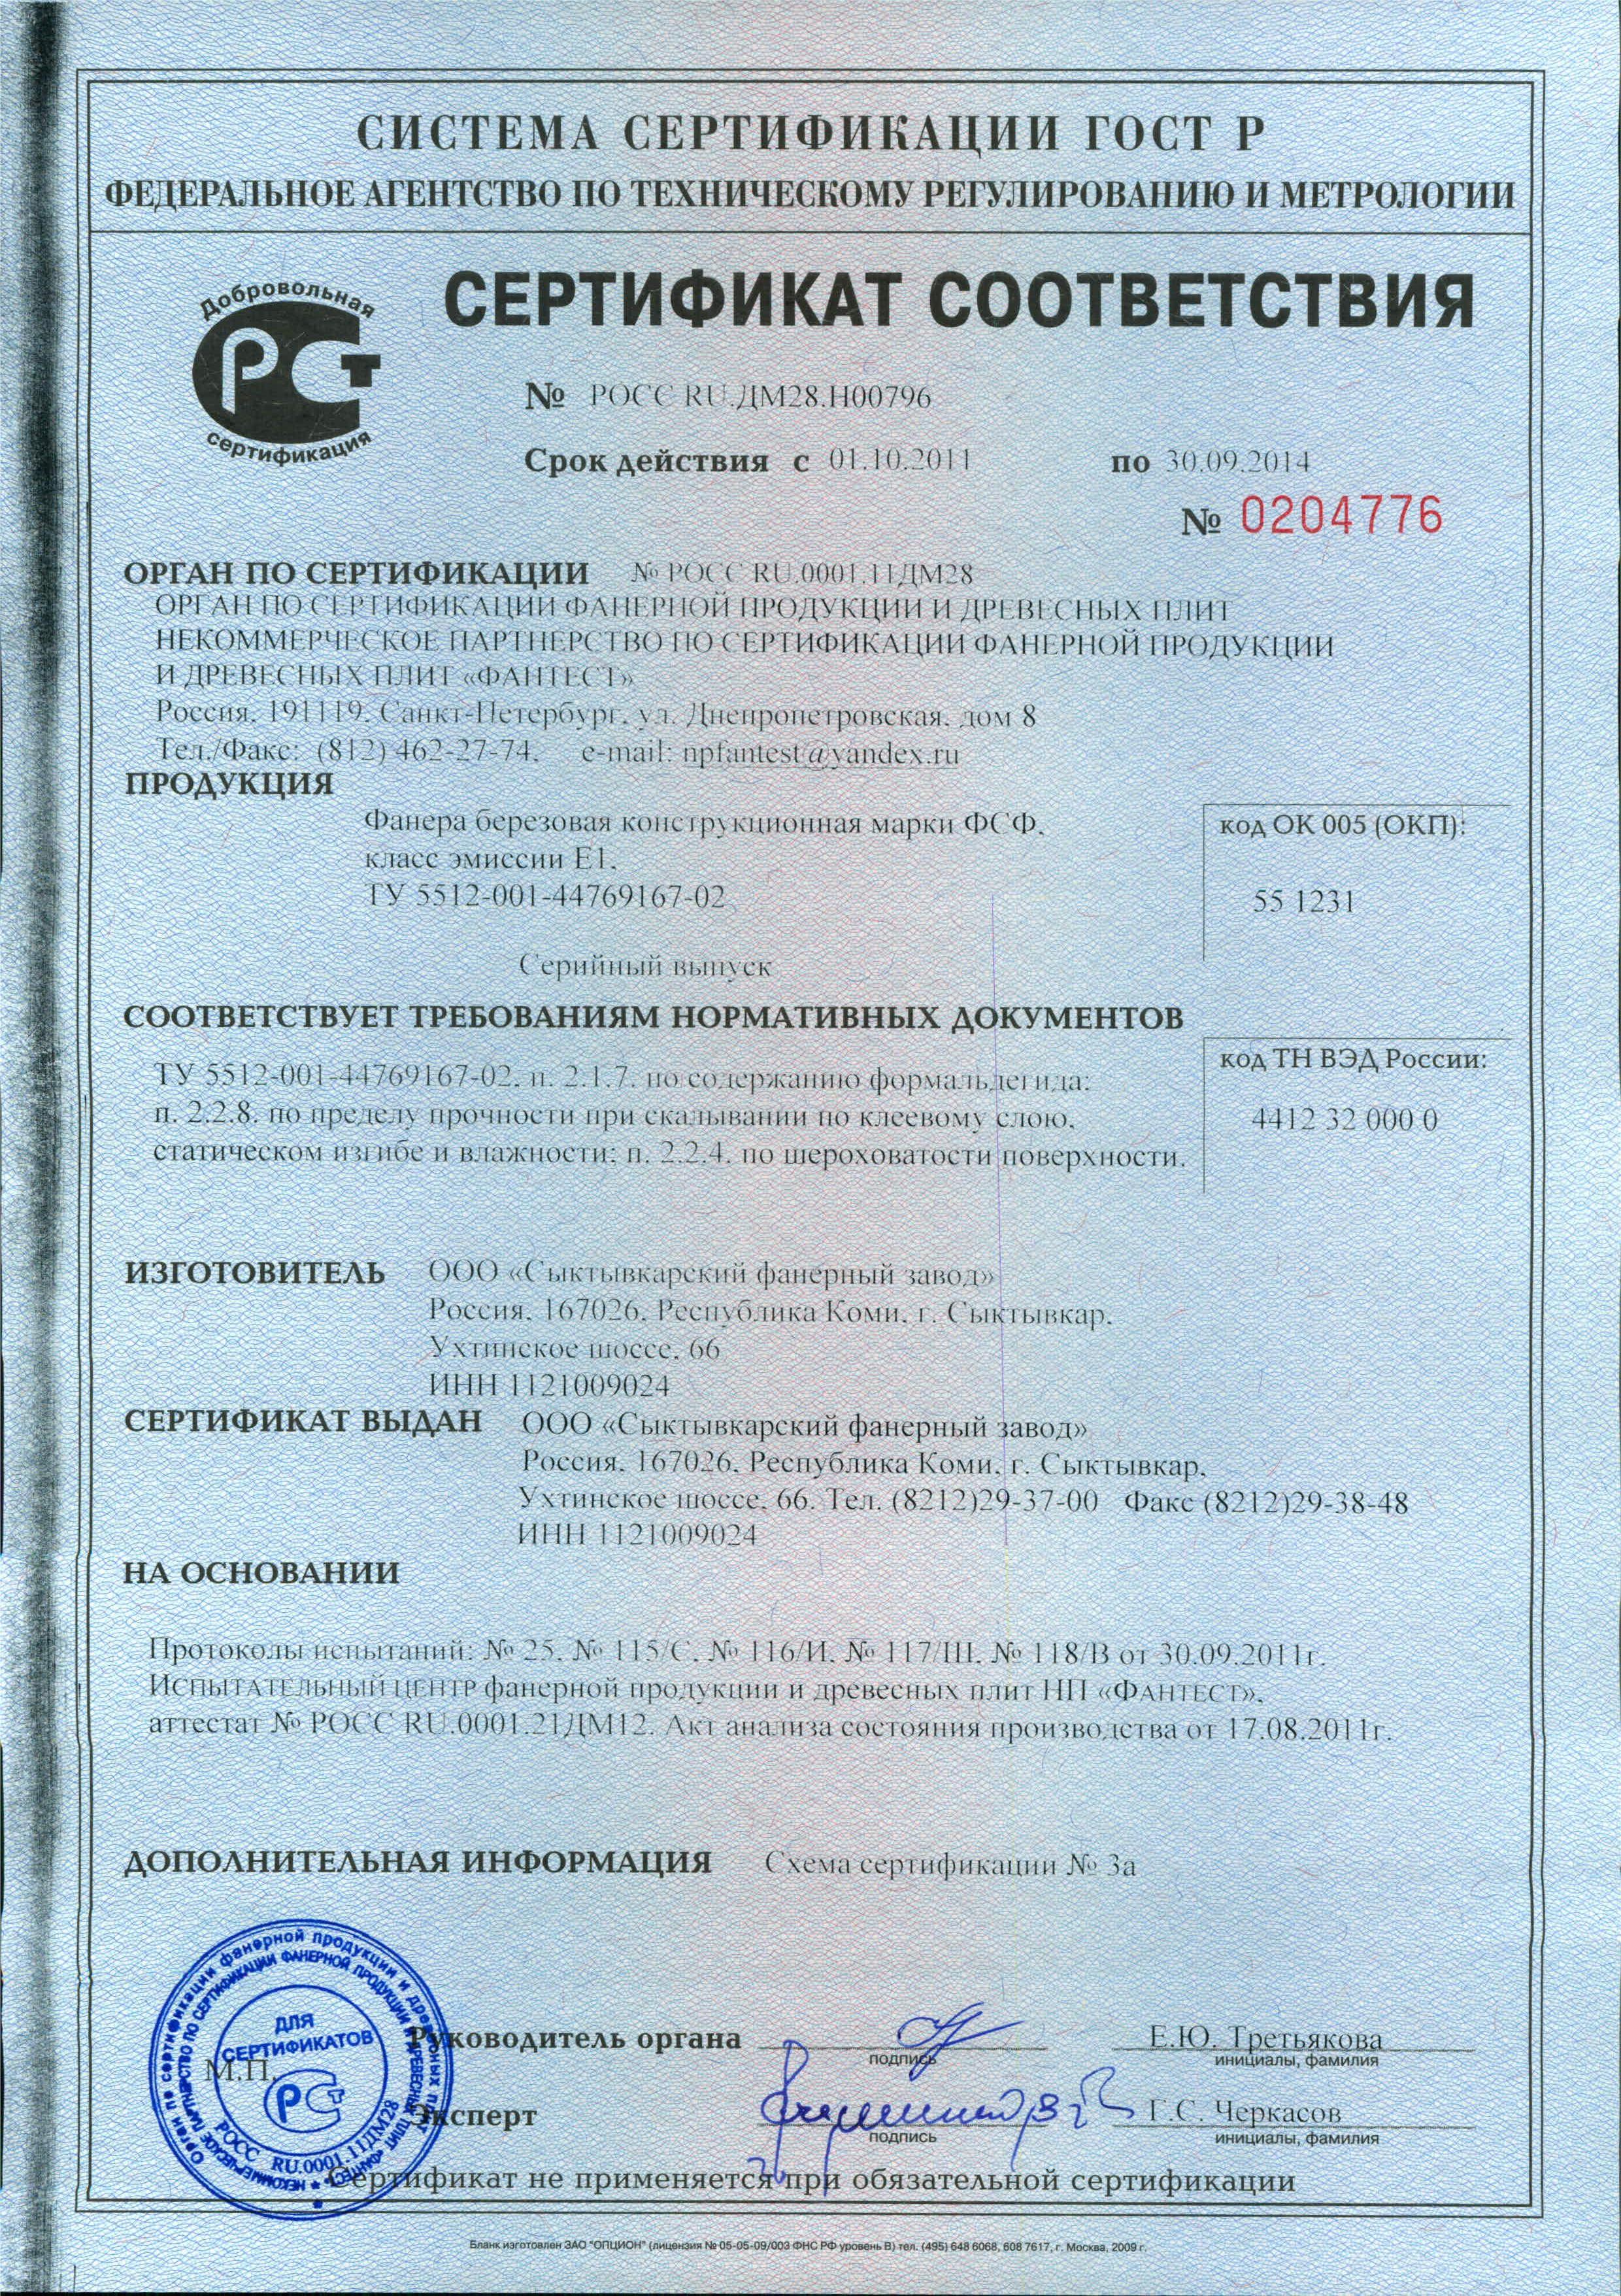 Фанера влагостойкая фк сертификат соответствия сертификация персонала и услуг